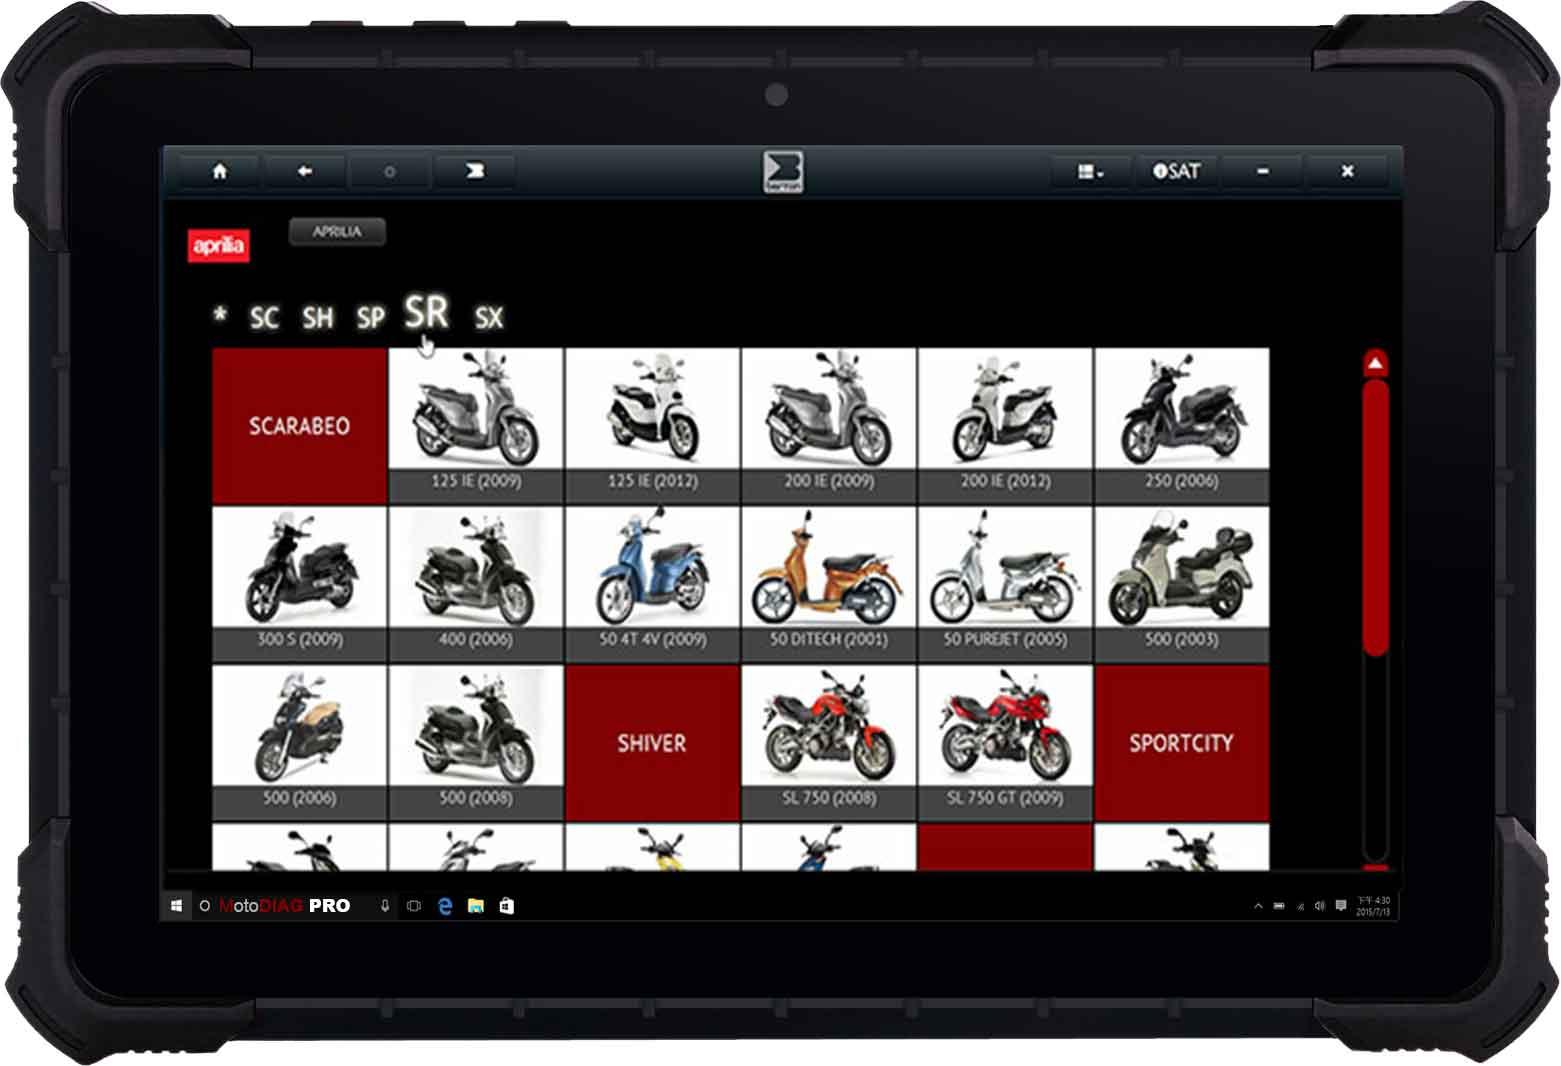 Meilleur outil de diagnostic Moto professionnel Multimarque